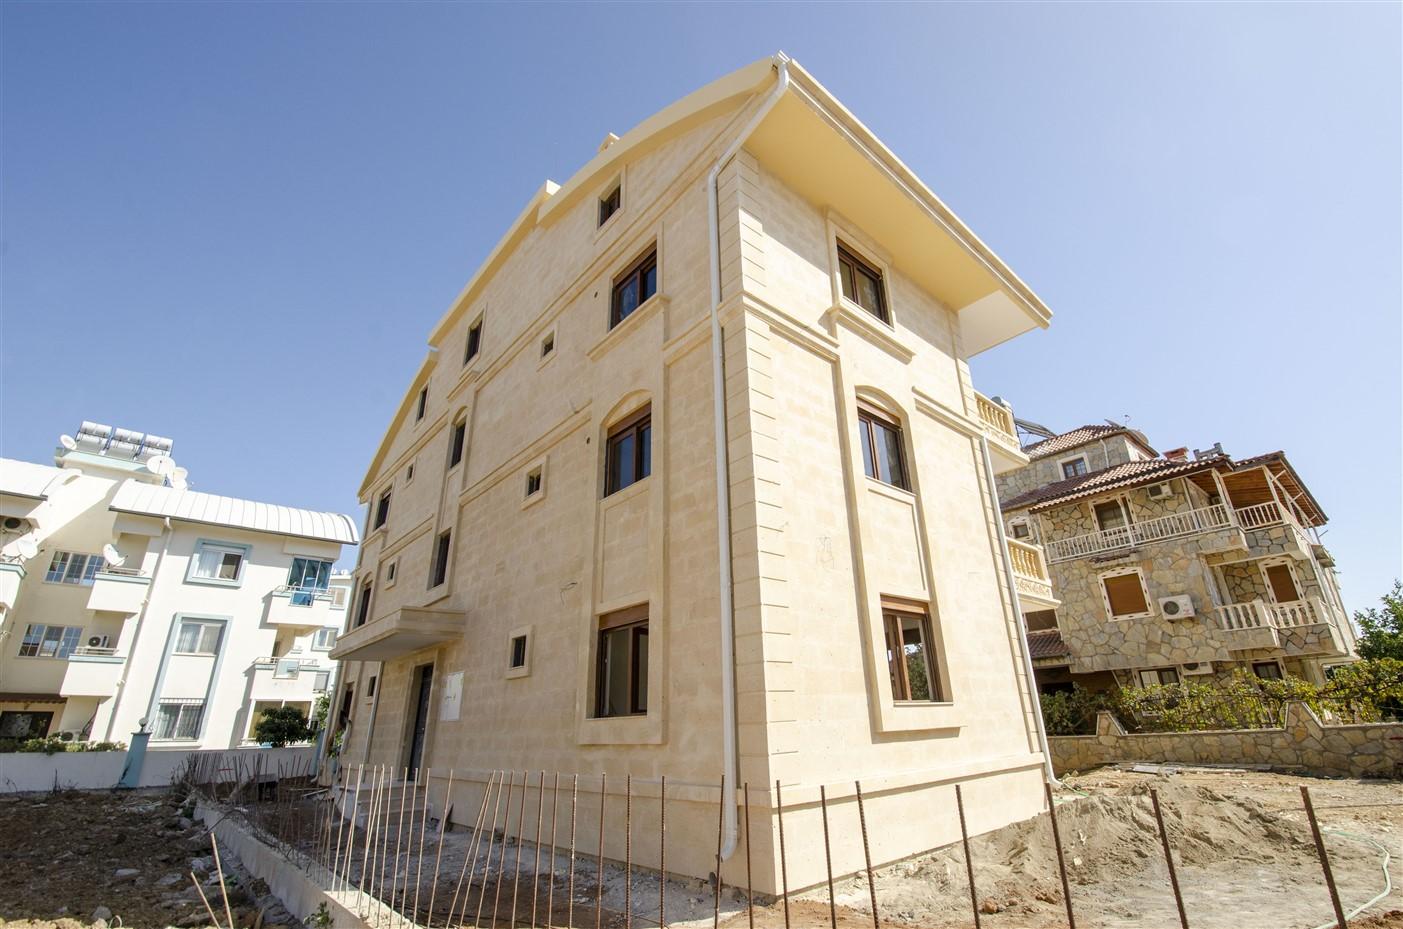 Квартиры 1+1, 2+1 и 3+1 в центре Белека Анталия - Фото 3